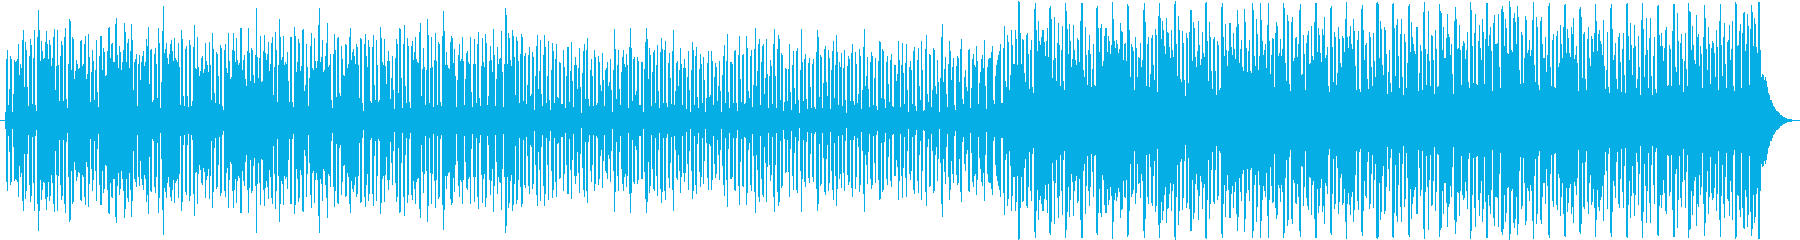 カリオペ、サーカスオルガン、スネア...の再生済みの波形